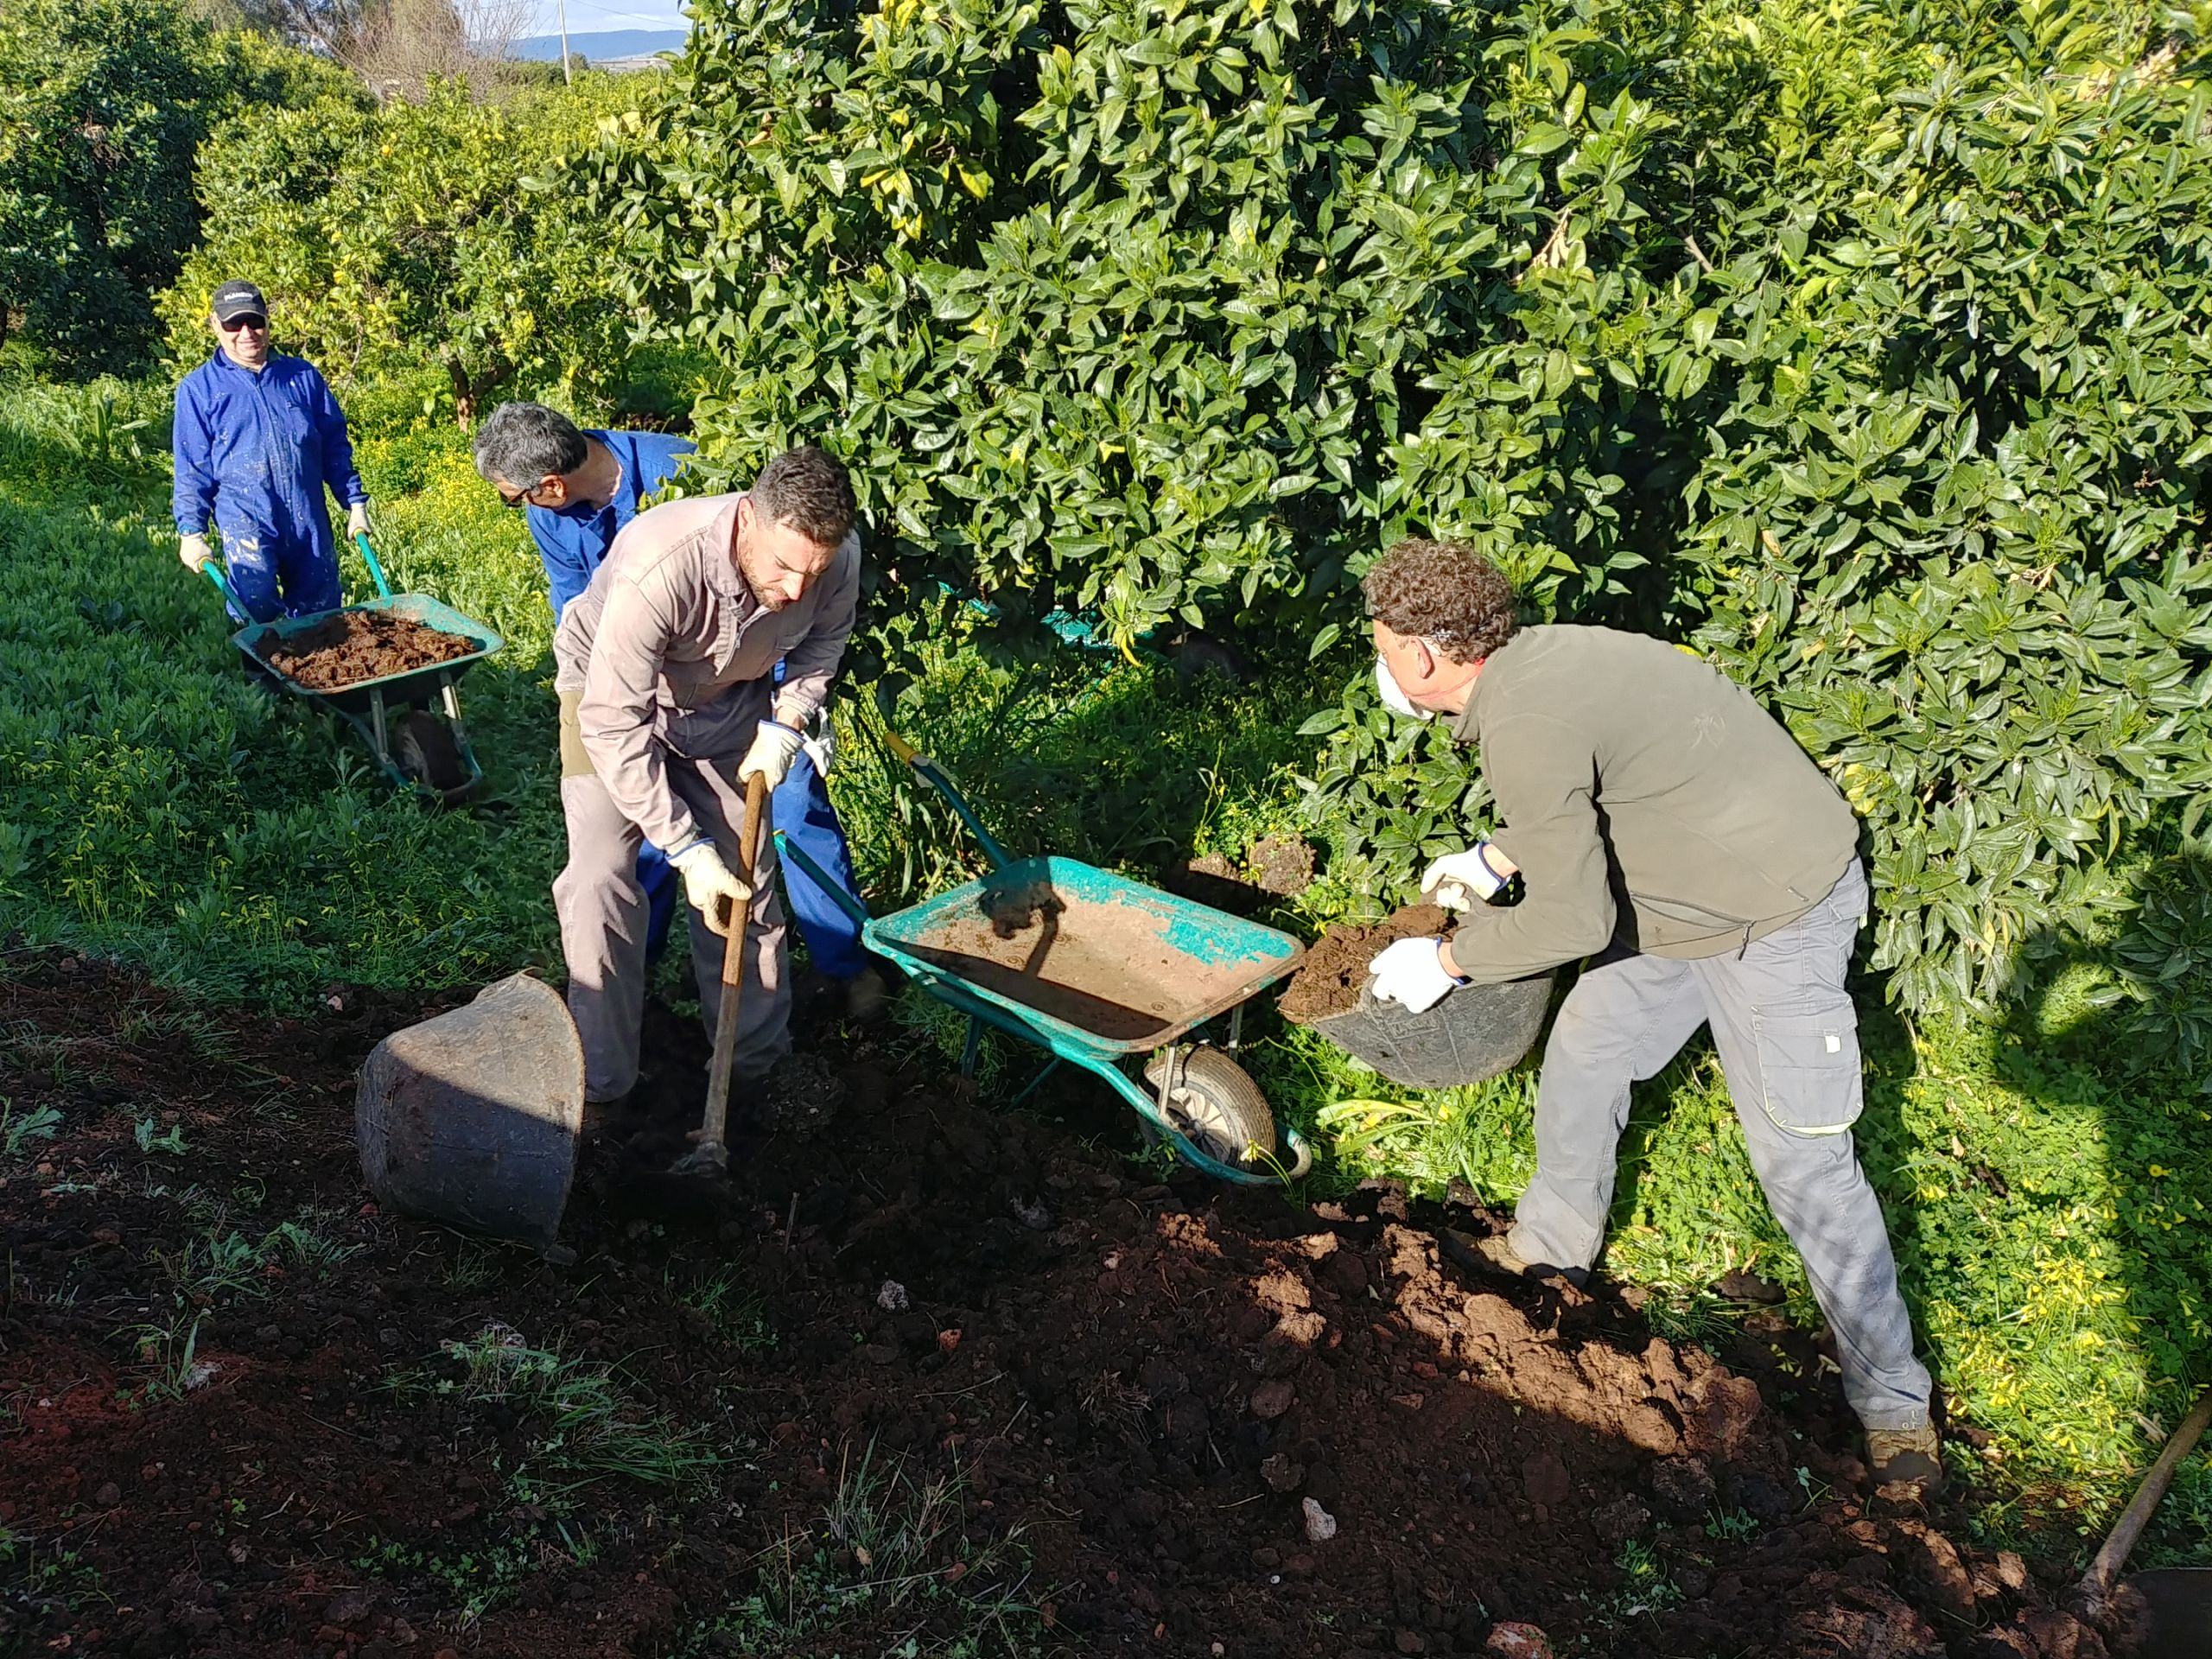 kompostdungung wagen fullen